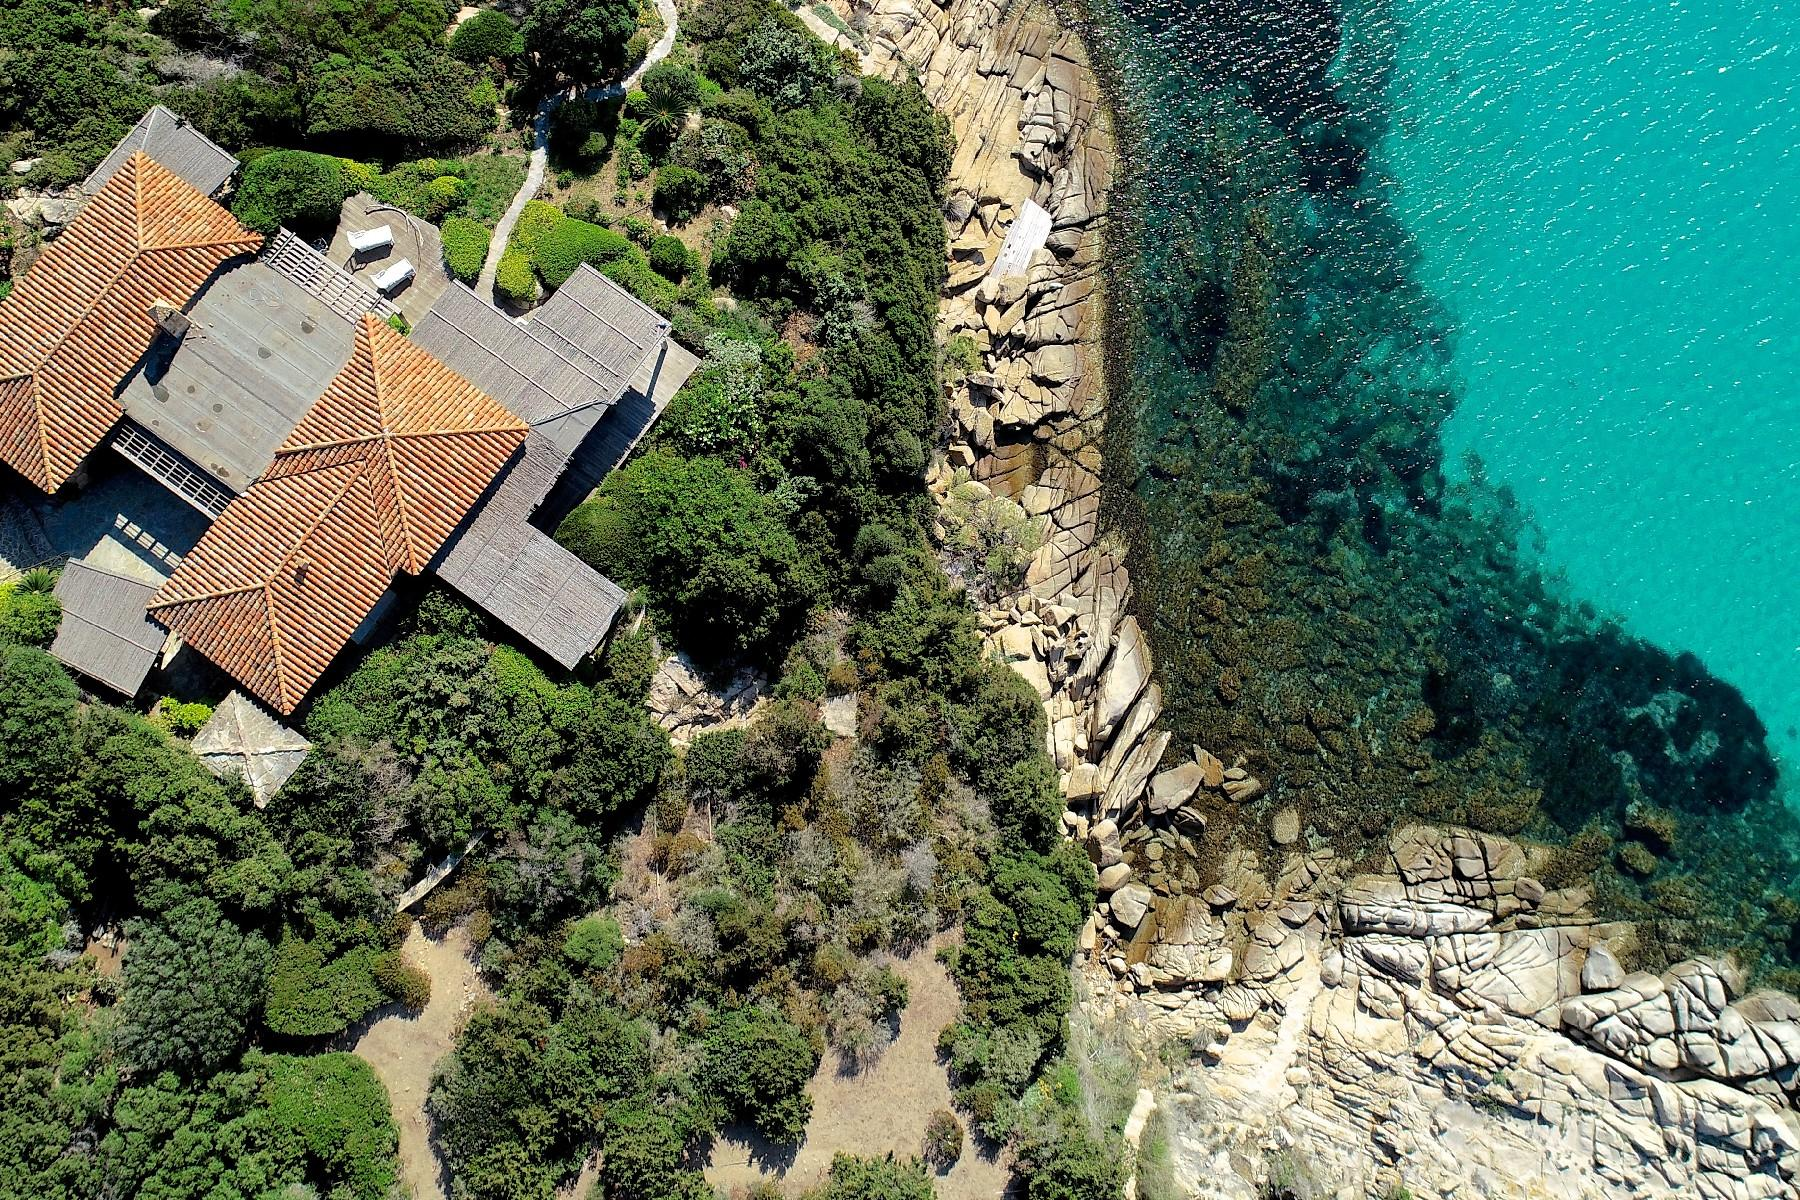 Incantevole villa con accesso diretto al mare all'Ile de Cavallo - 20